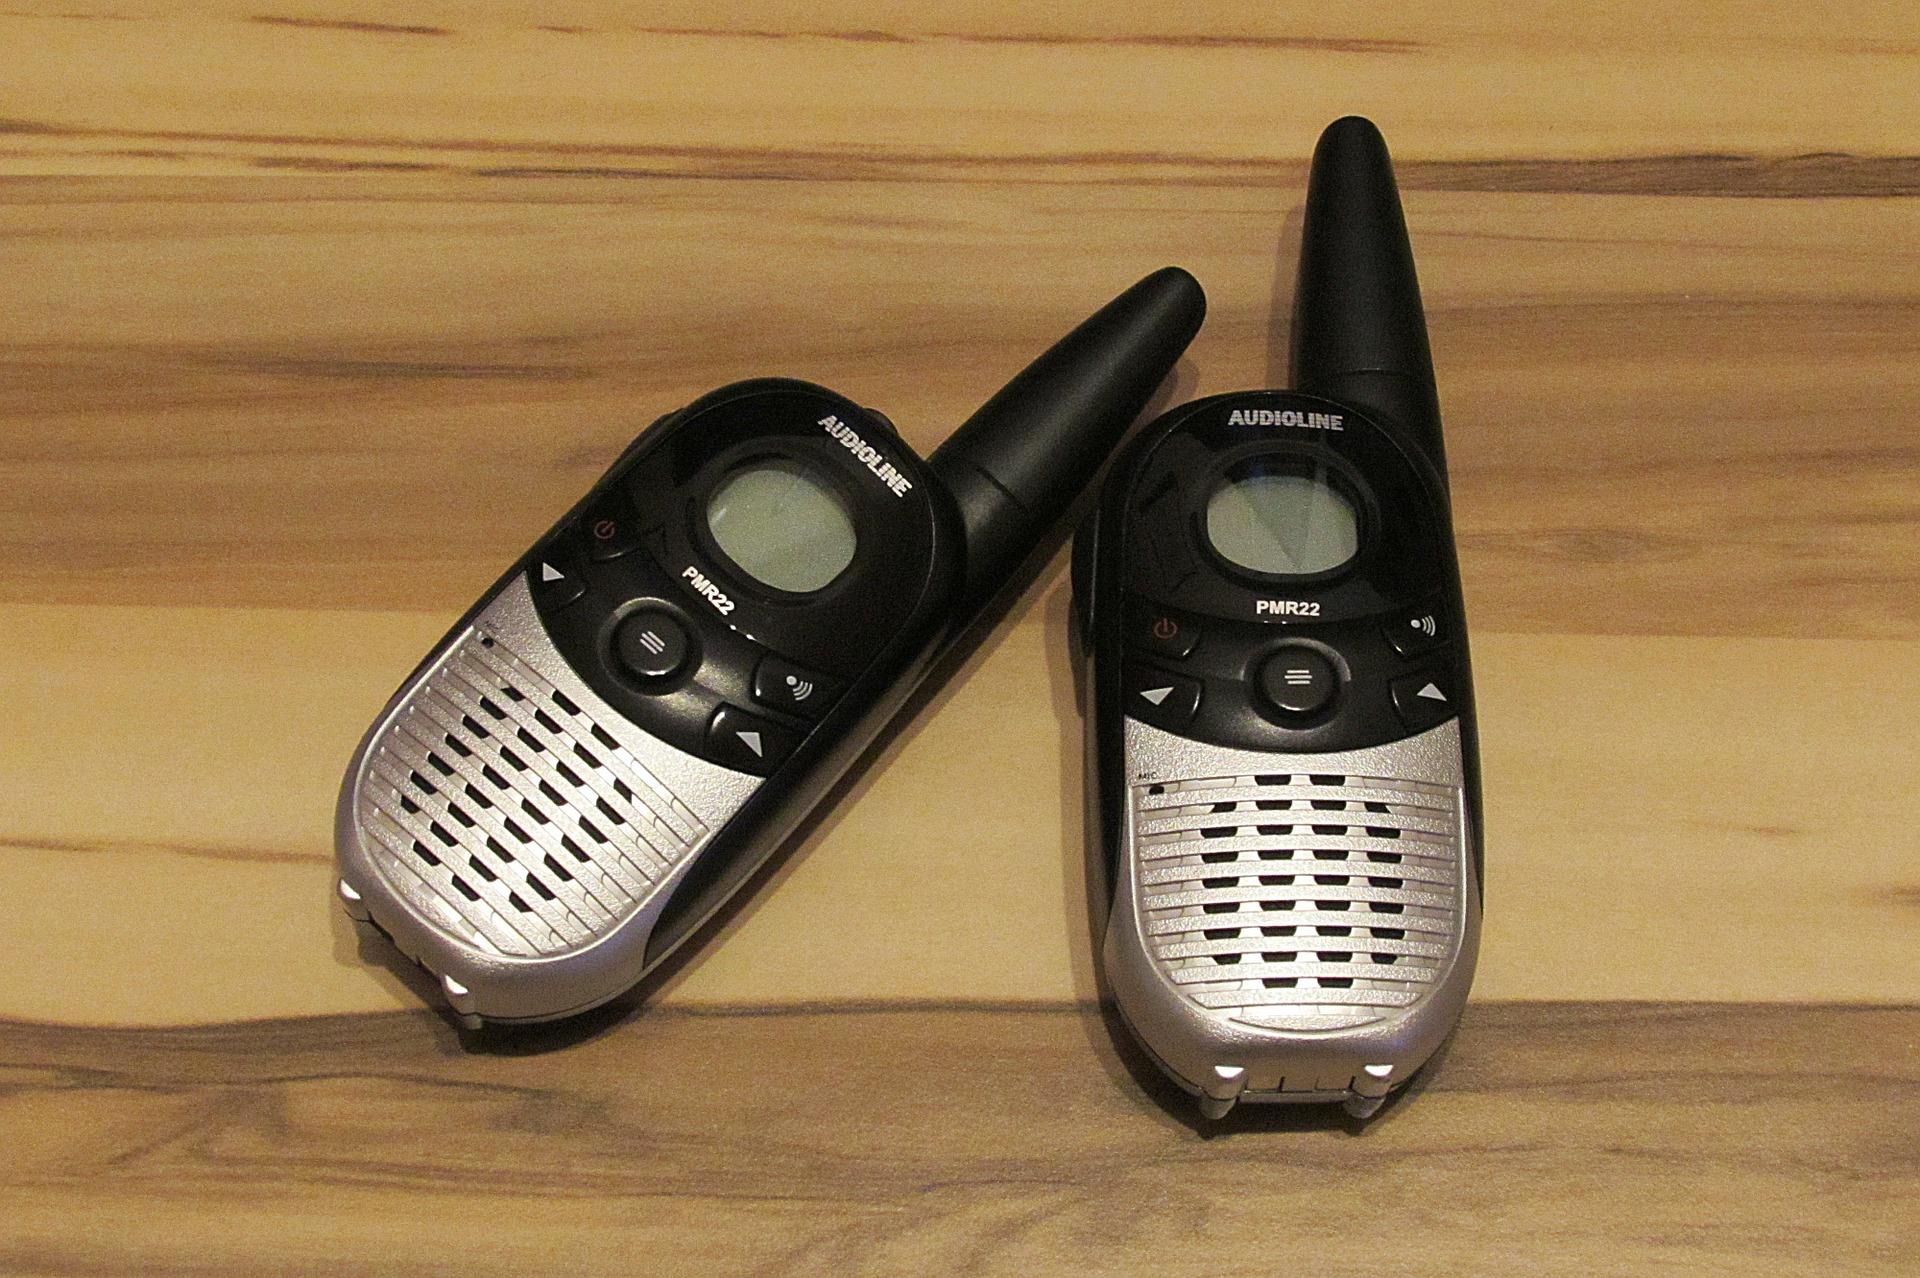 meilleurs talkie-walkie